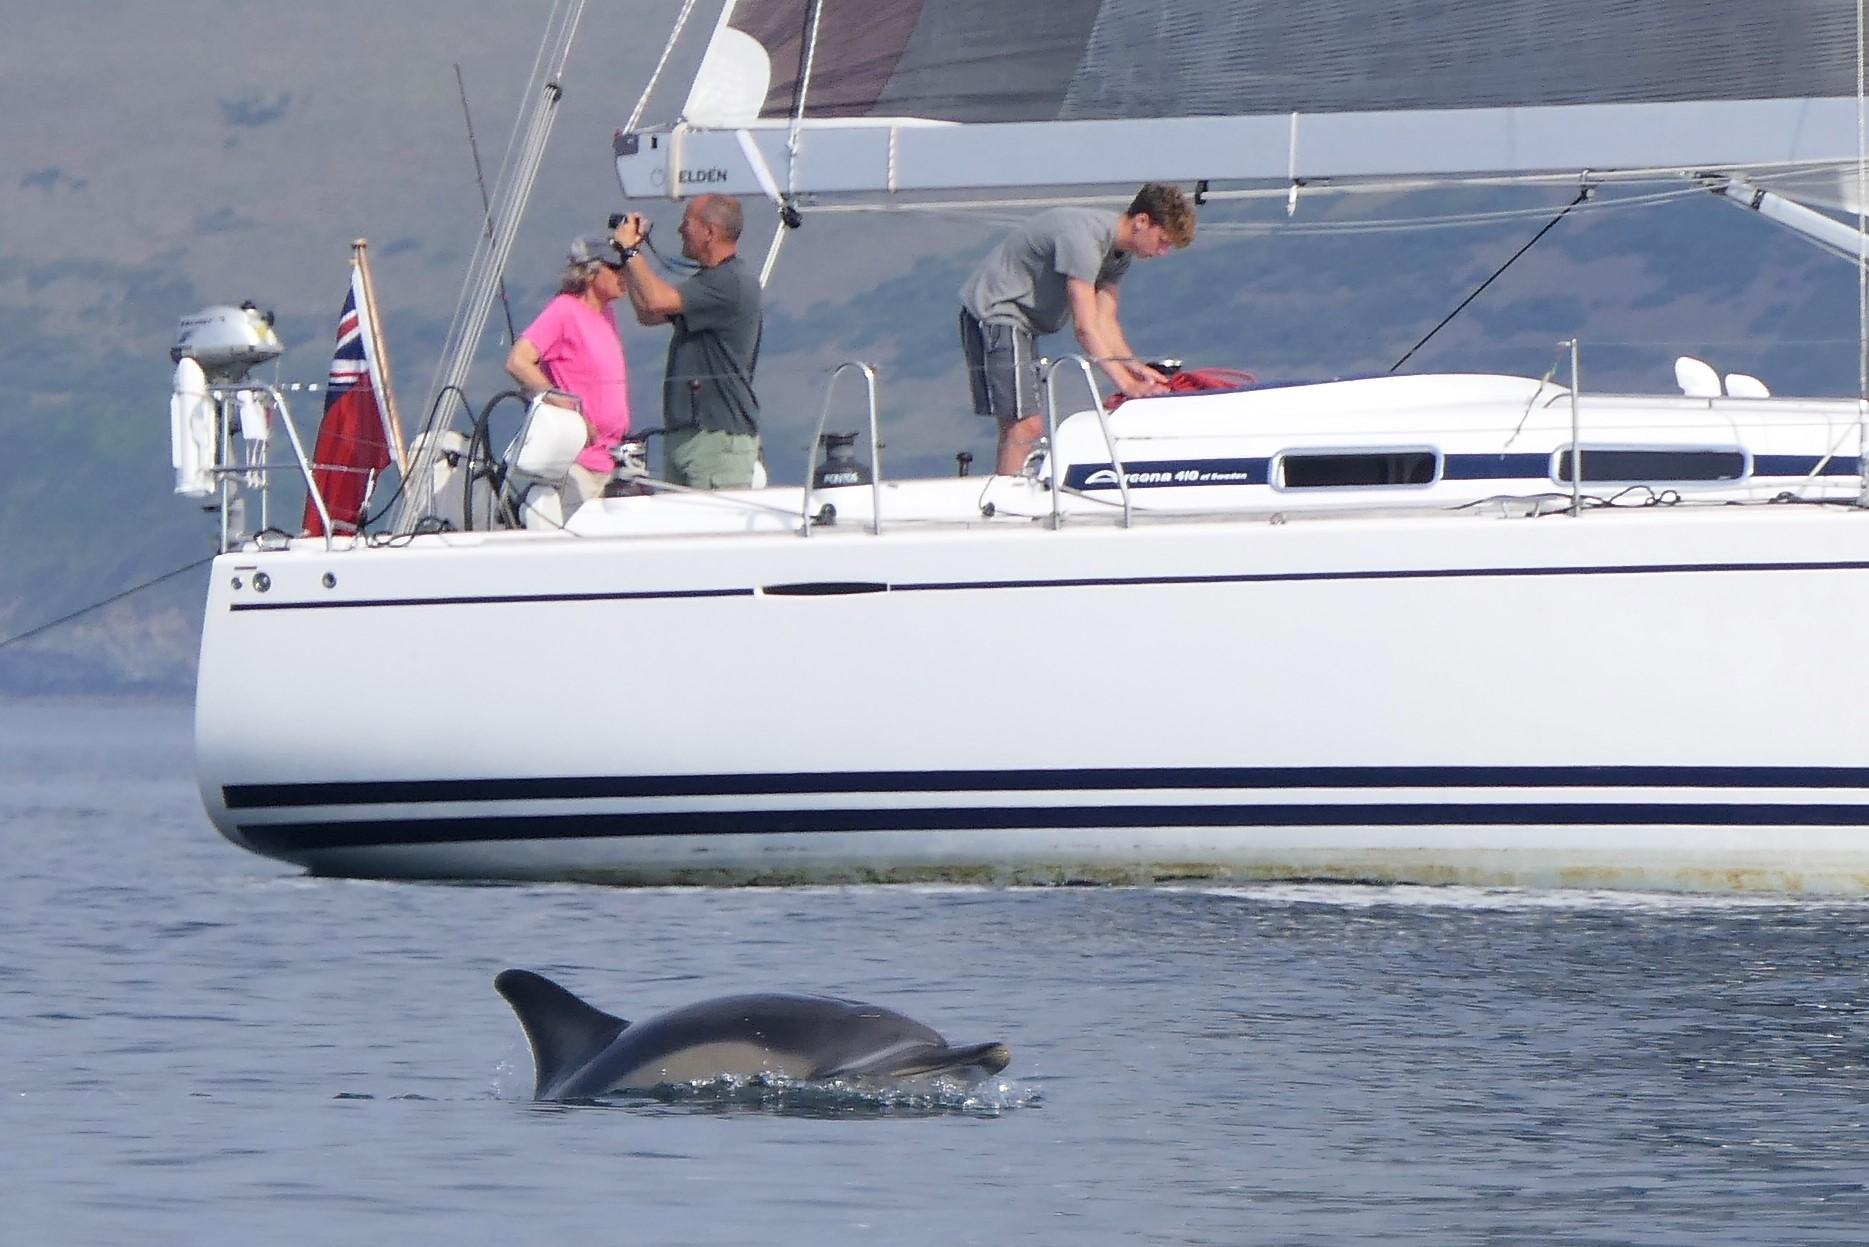 looe dolphin